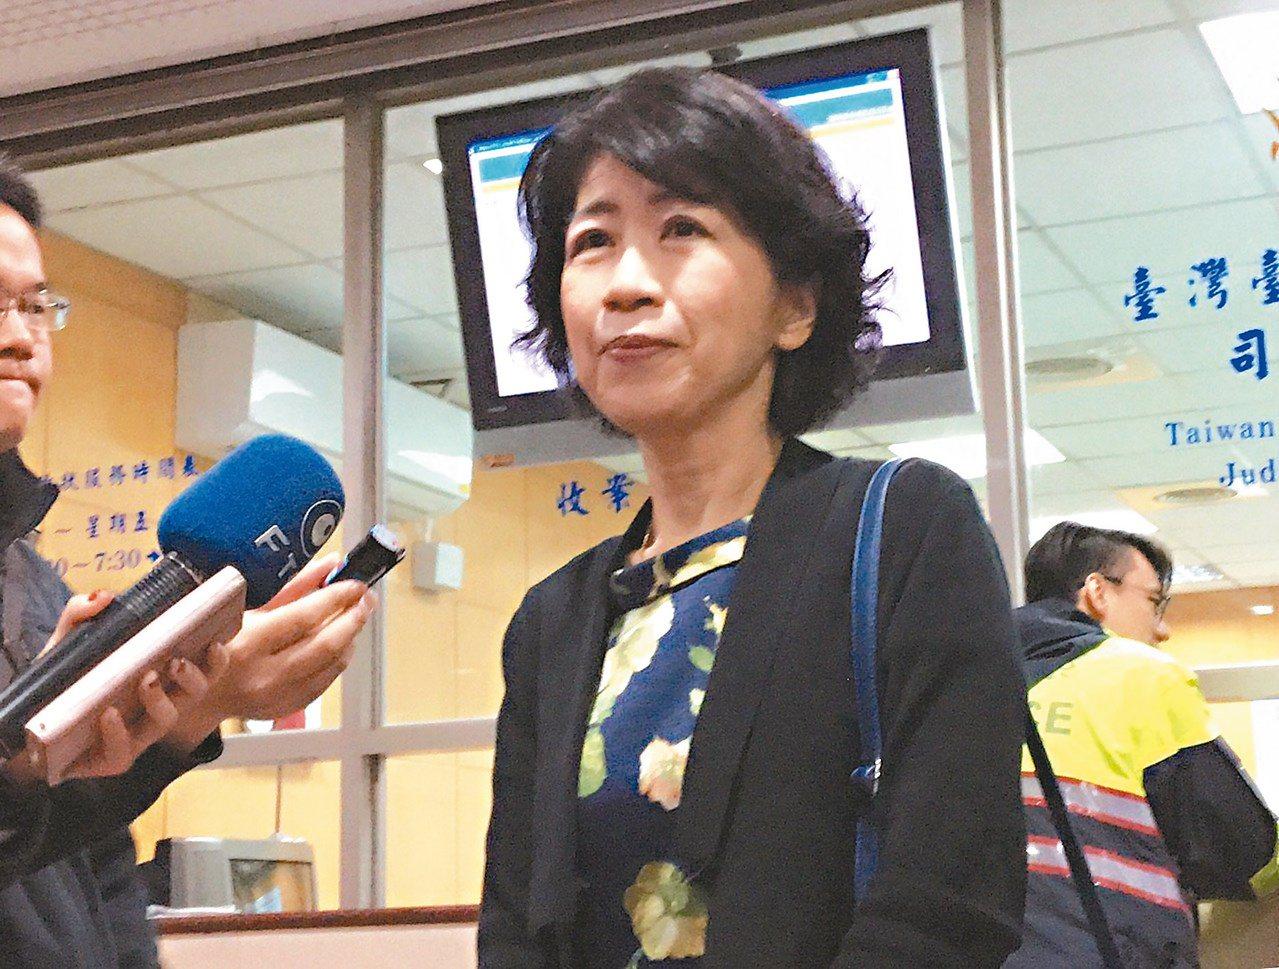 台北市長柯文哲去年太太陳佩琪把房子拿去抵押2千萬打選戰。陳佩琪今也在臉書上爆料,...